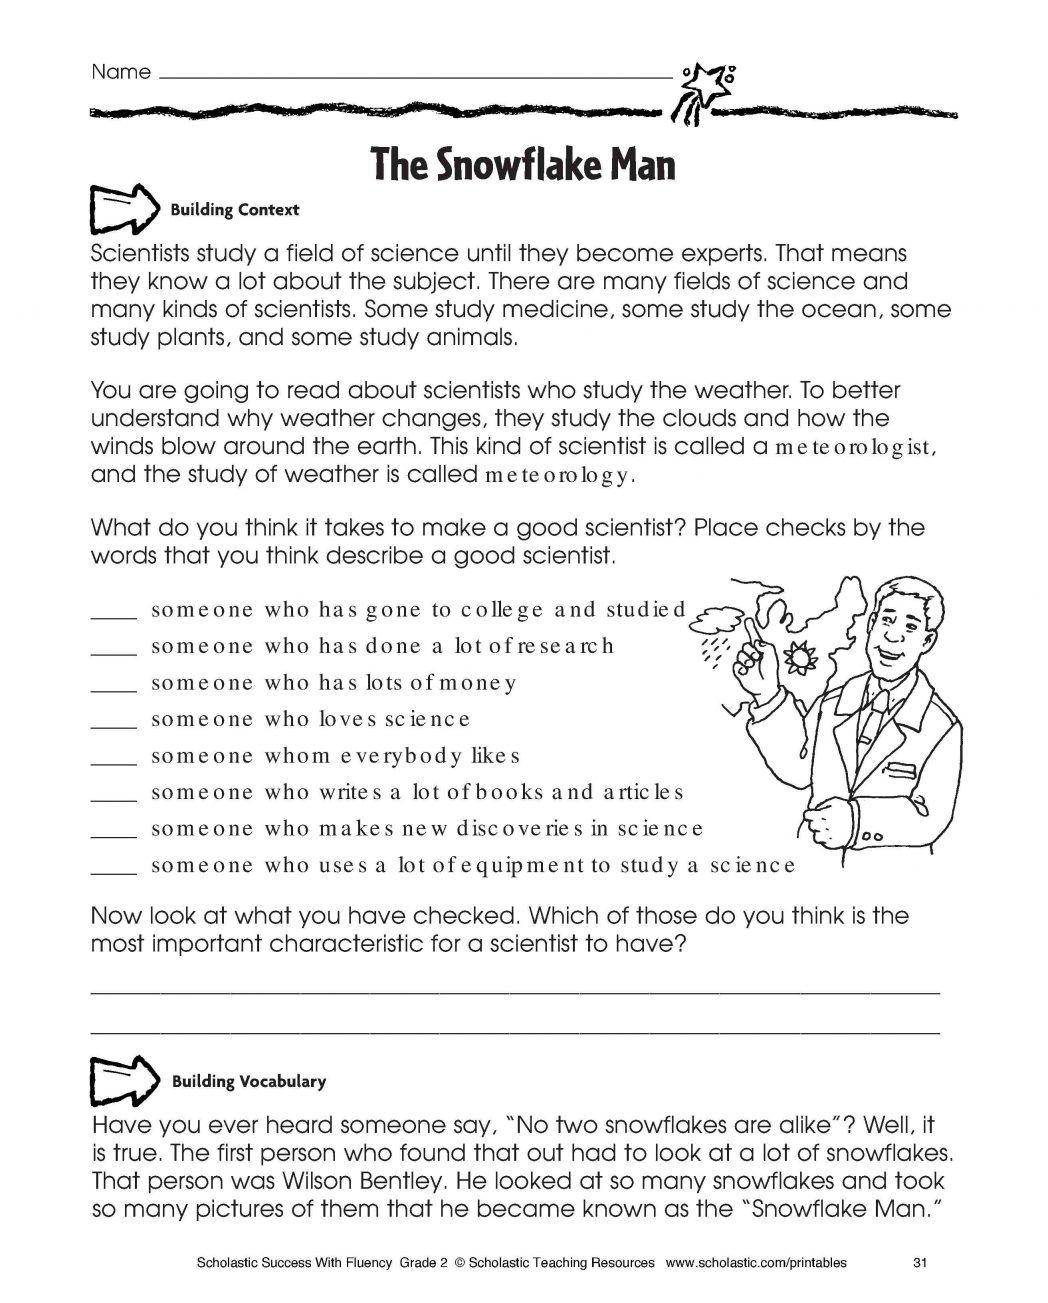 Worksheets Reading Comprehension Worksheets For 4th Grade free printable reading comprehension worksheets for kindergarten luxury 4th grade prehension wor